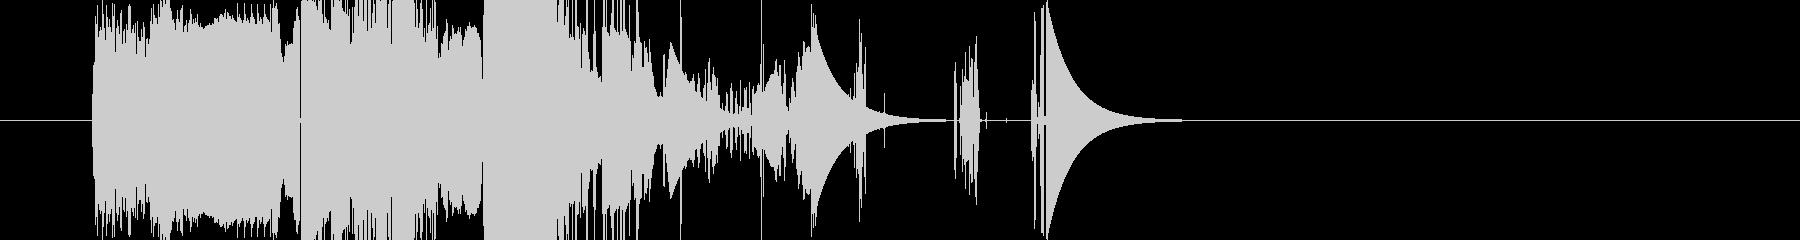 ブーストクラッカーバージョン3の未再生の波形